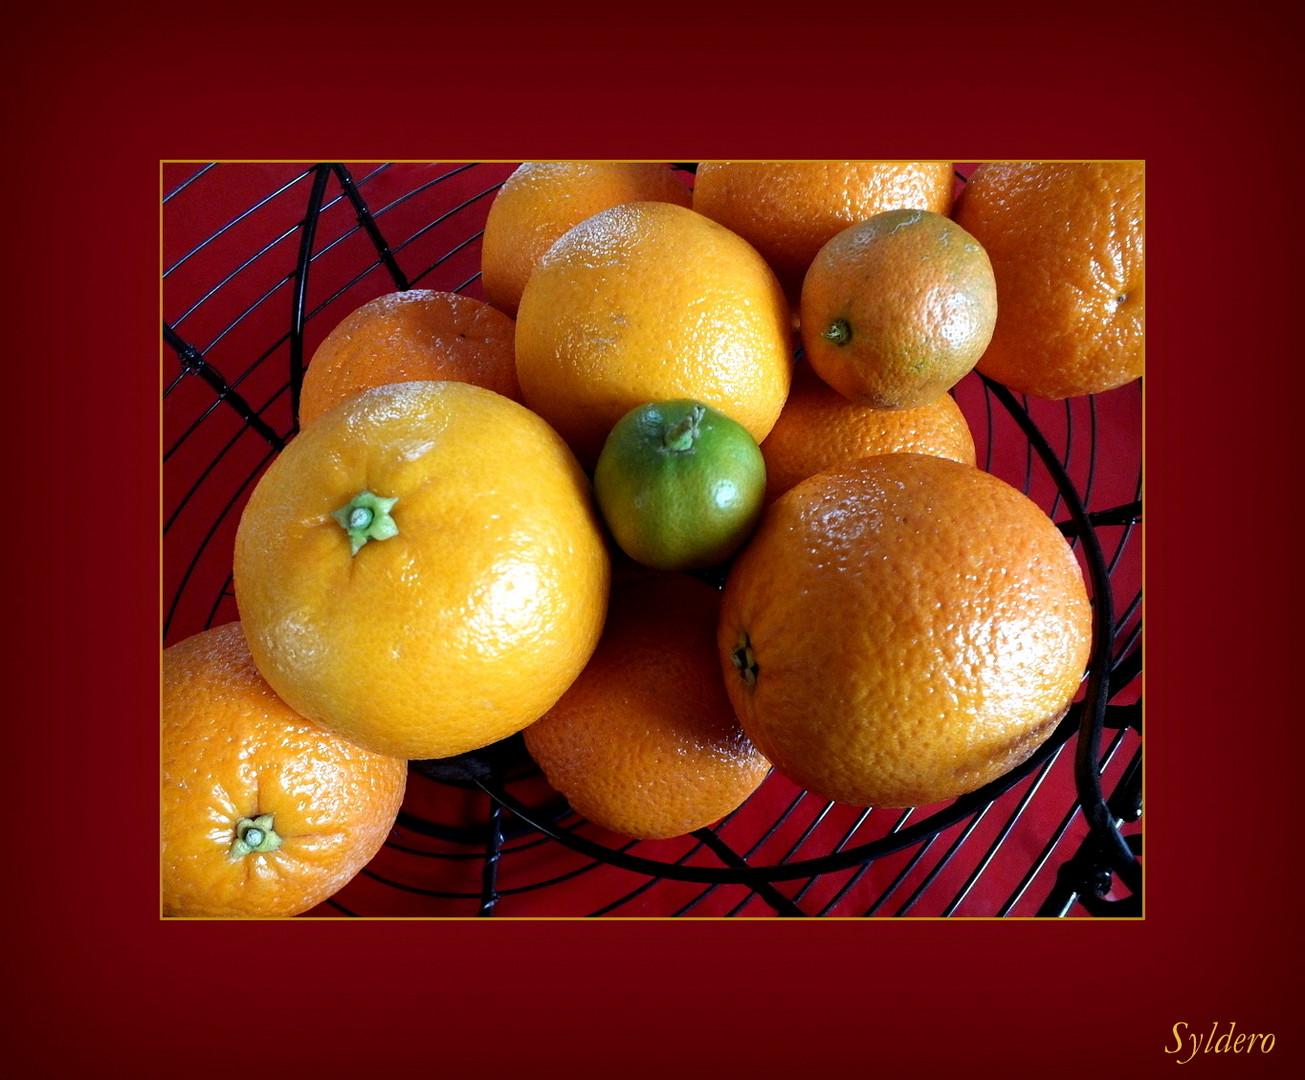 agrumes photo et image special oranges vision. Black Bedroom Furniture Sets. Home Design Ideas